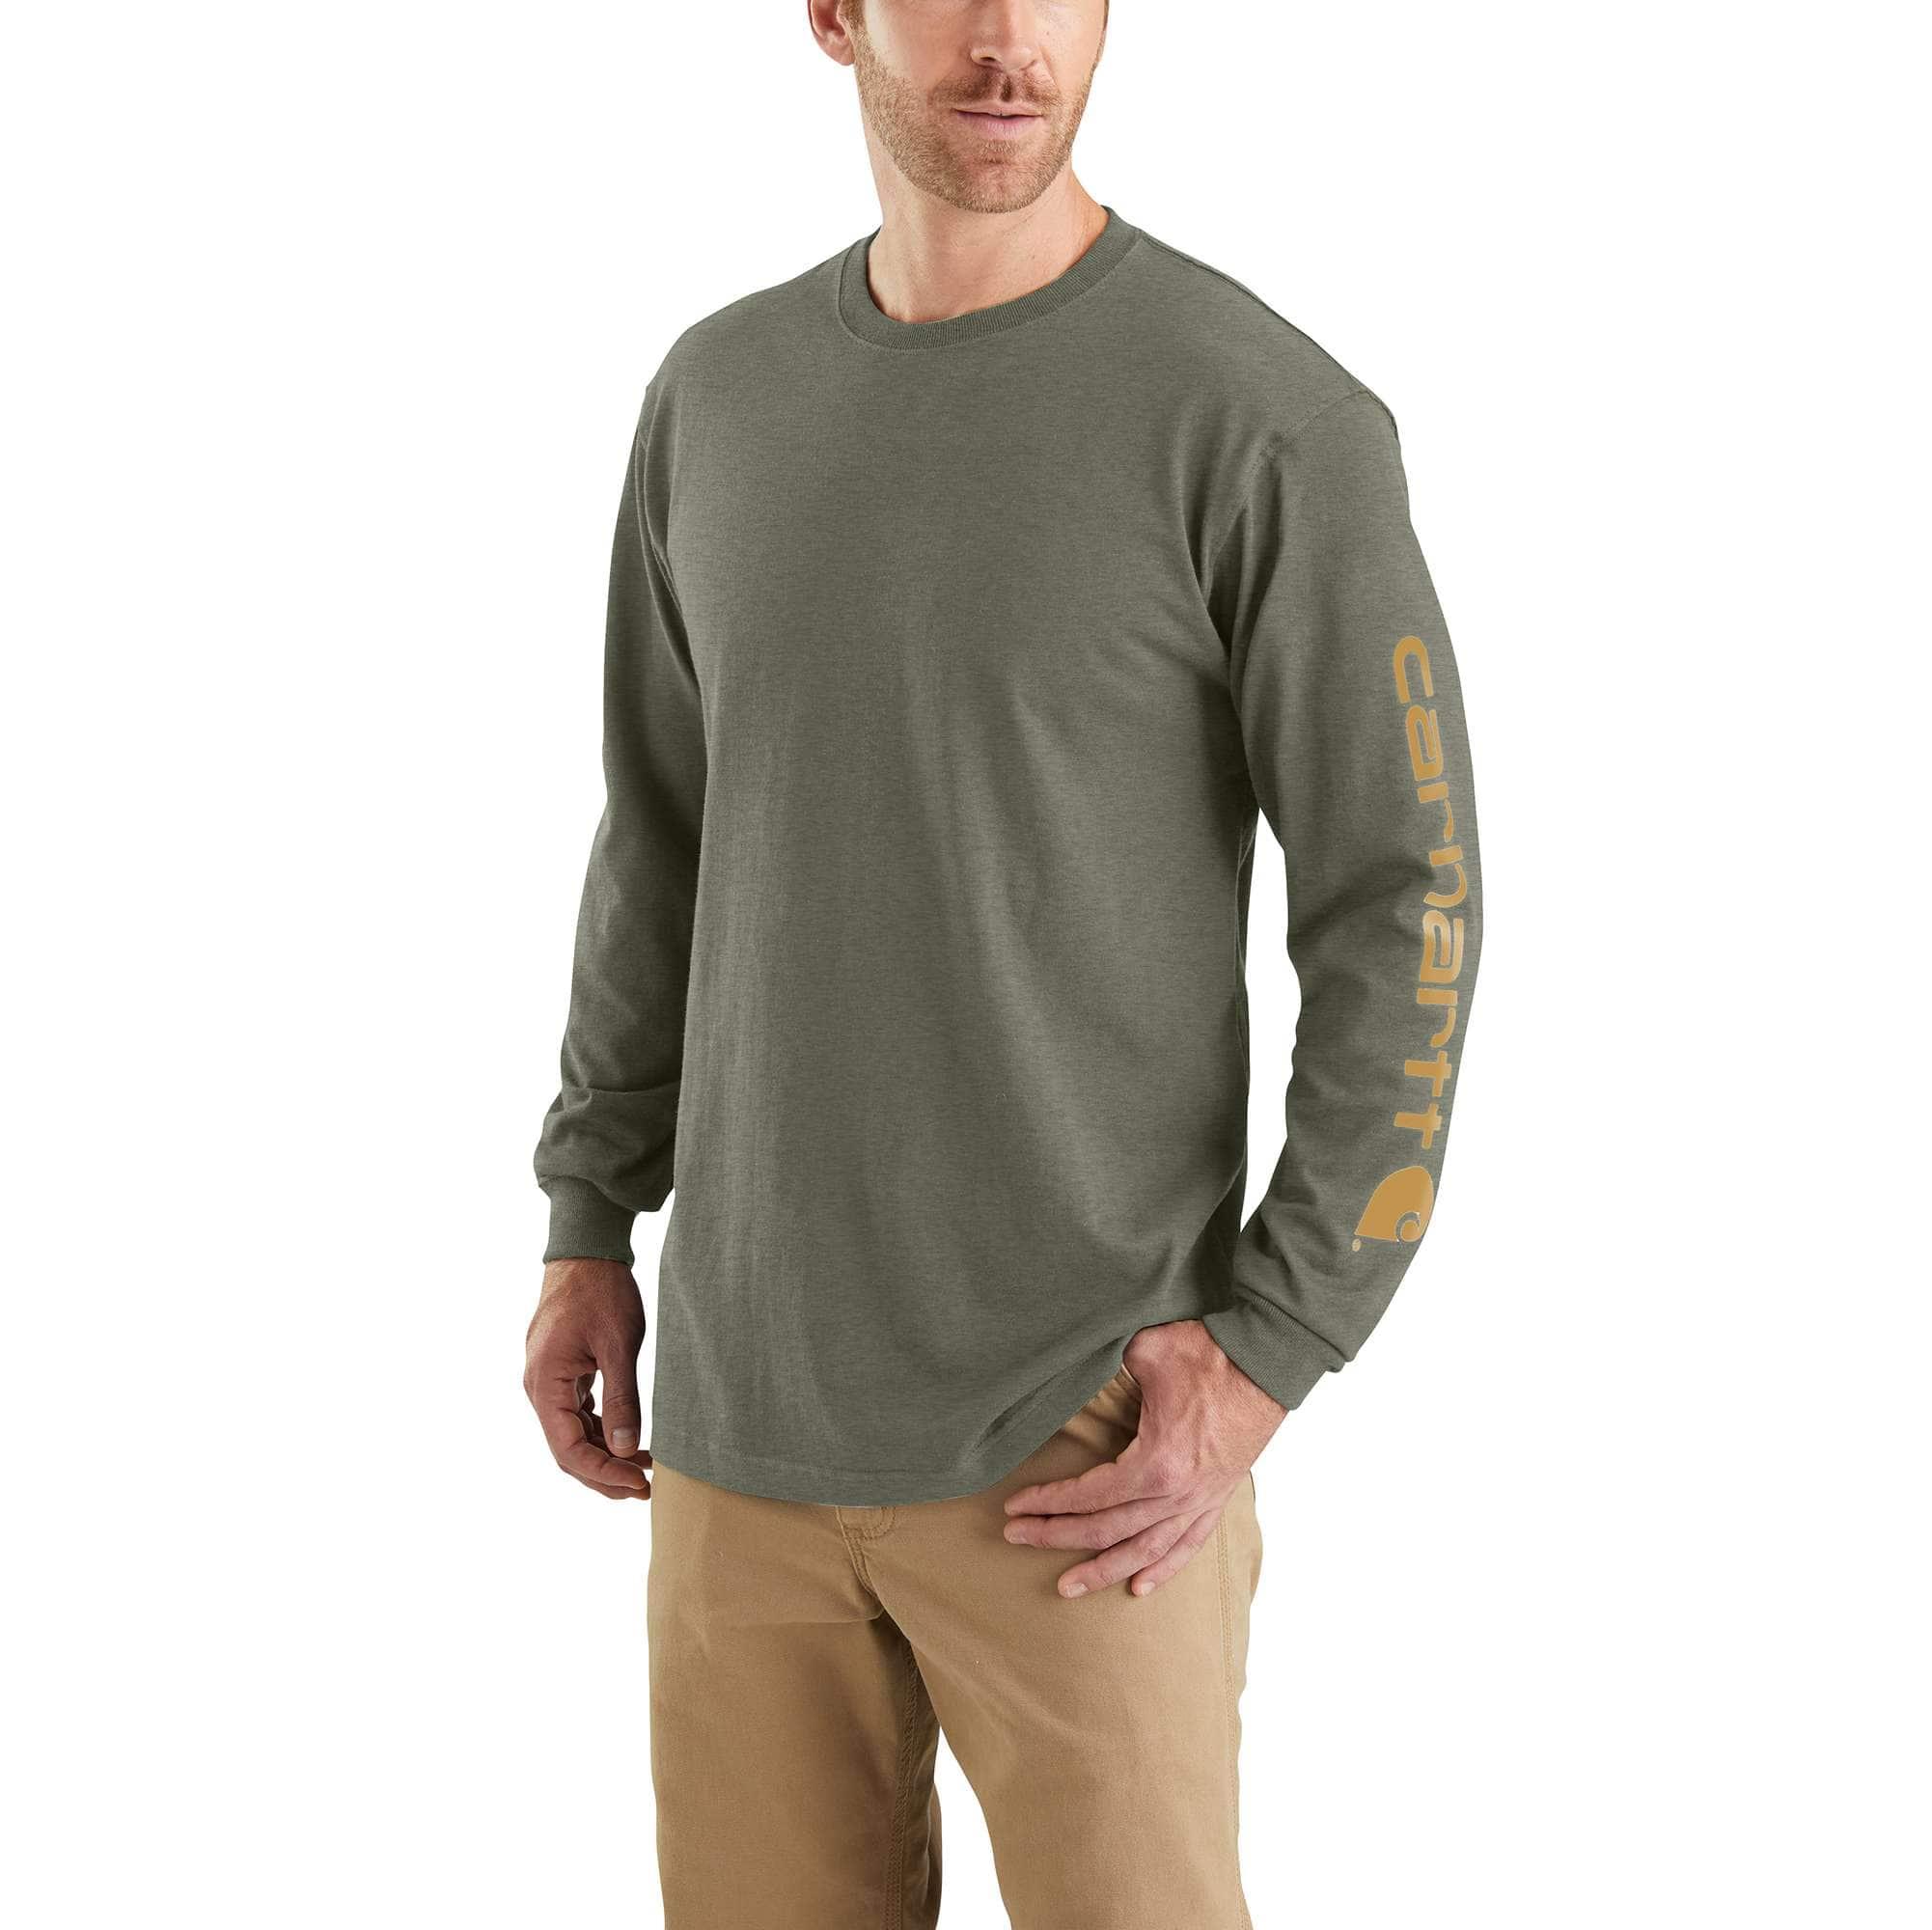 Carhartt Mens Signature Logo Short-Sleeve Midweight Jersey T-Shirt Work Utility T-Shirt